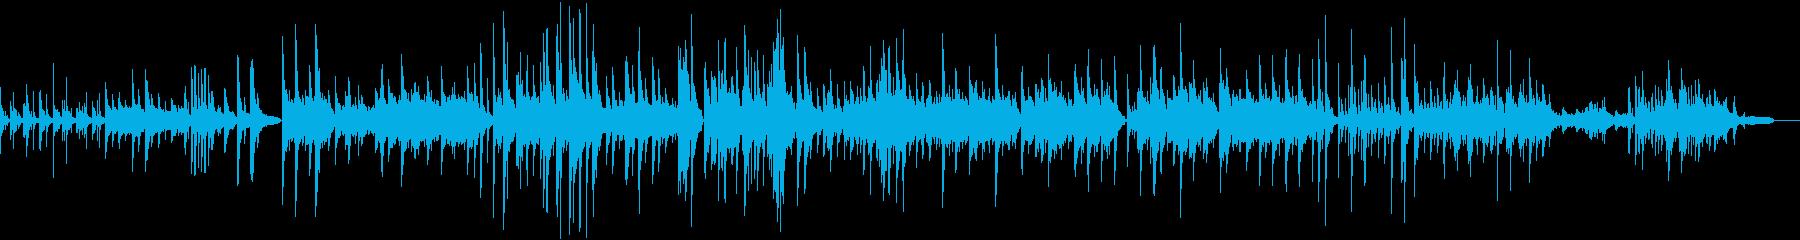 リラックス 和をしっとりとピアノバラードの再生済みの波形